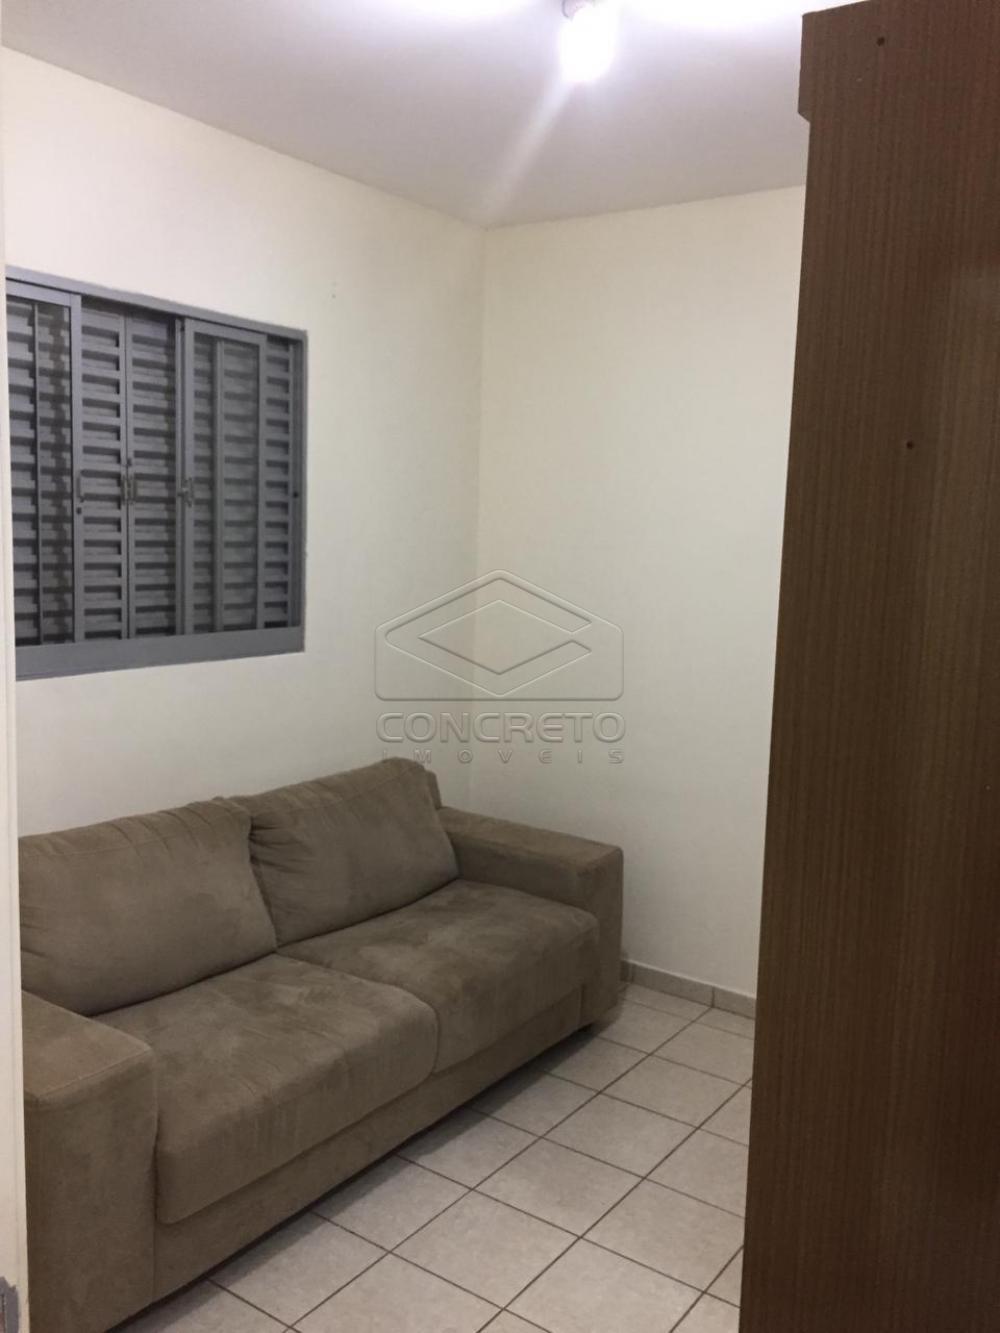 Comprar Apartamento / Padrão em Bauru apenas R$ 165.000,00 - Foto 3